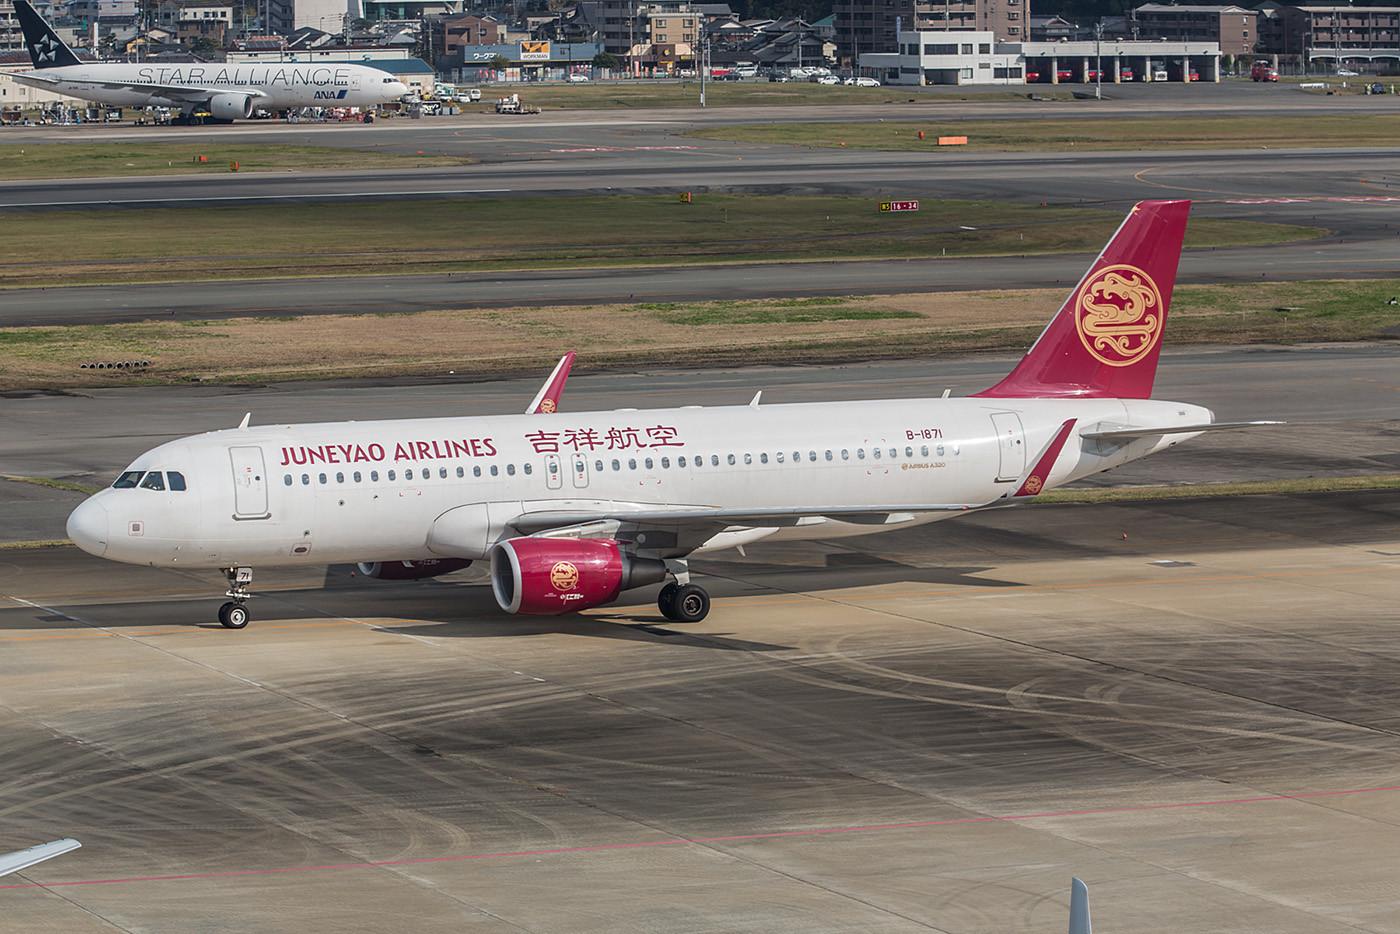 B-1871, ein A320 der in Shanghai beheimateten Yuneyao Airlines. Die Gesellschaft ist mit knapp 50 Maschinen für chinesische Verhältnisse eher klein.